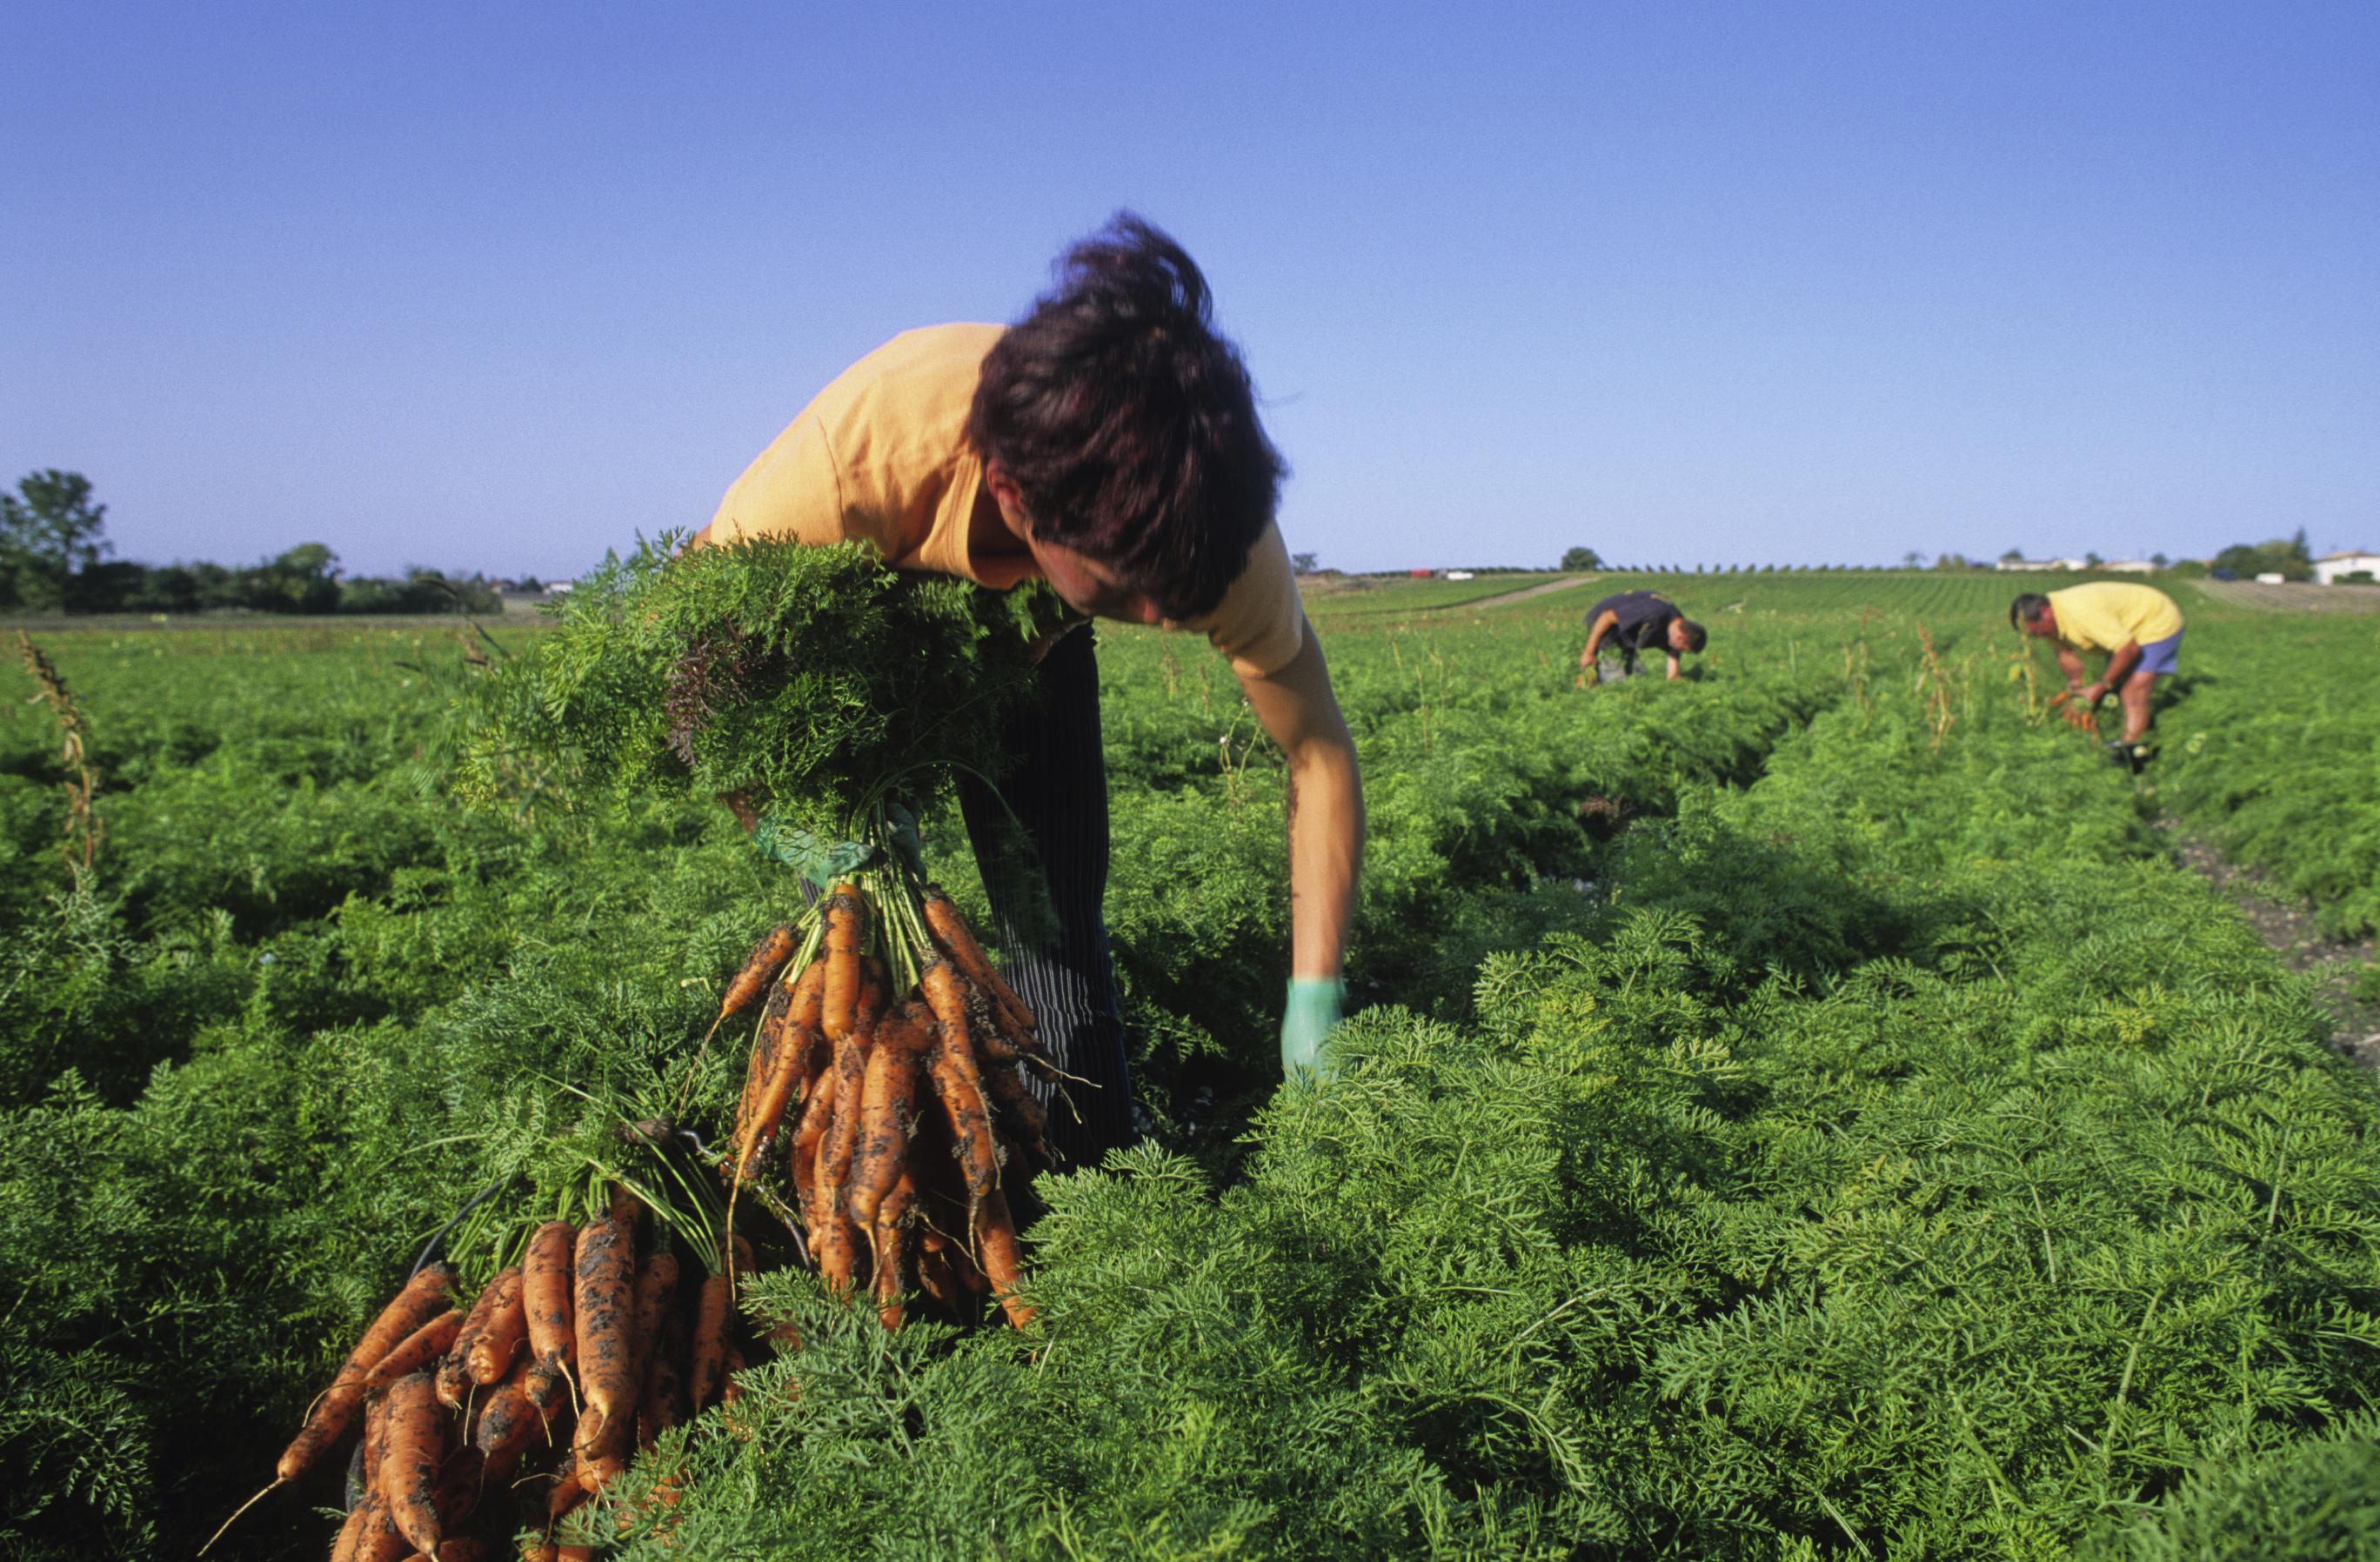 Campesinos con cultivos de zanahorias